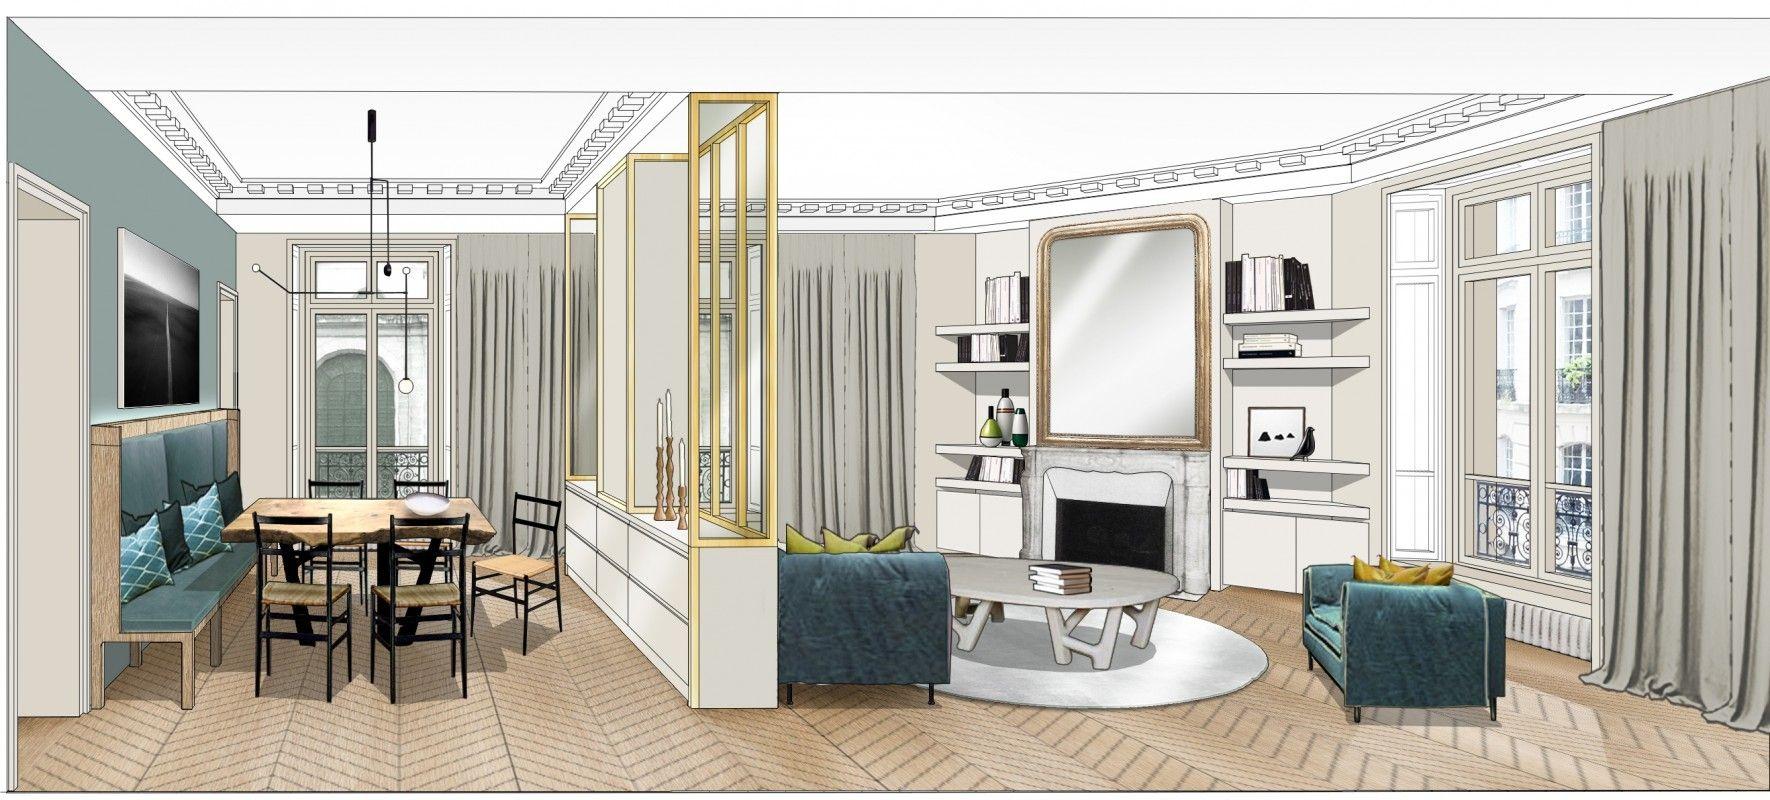 Appartement paris 6 double g appartements projets for Appartement meuble paris long sejour